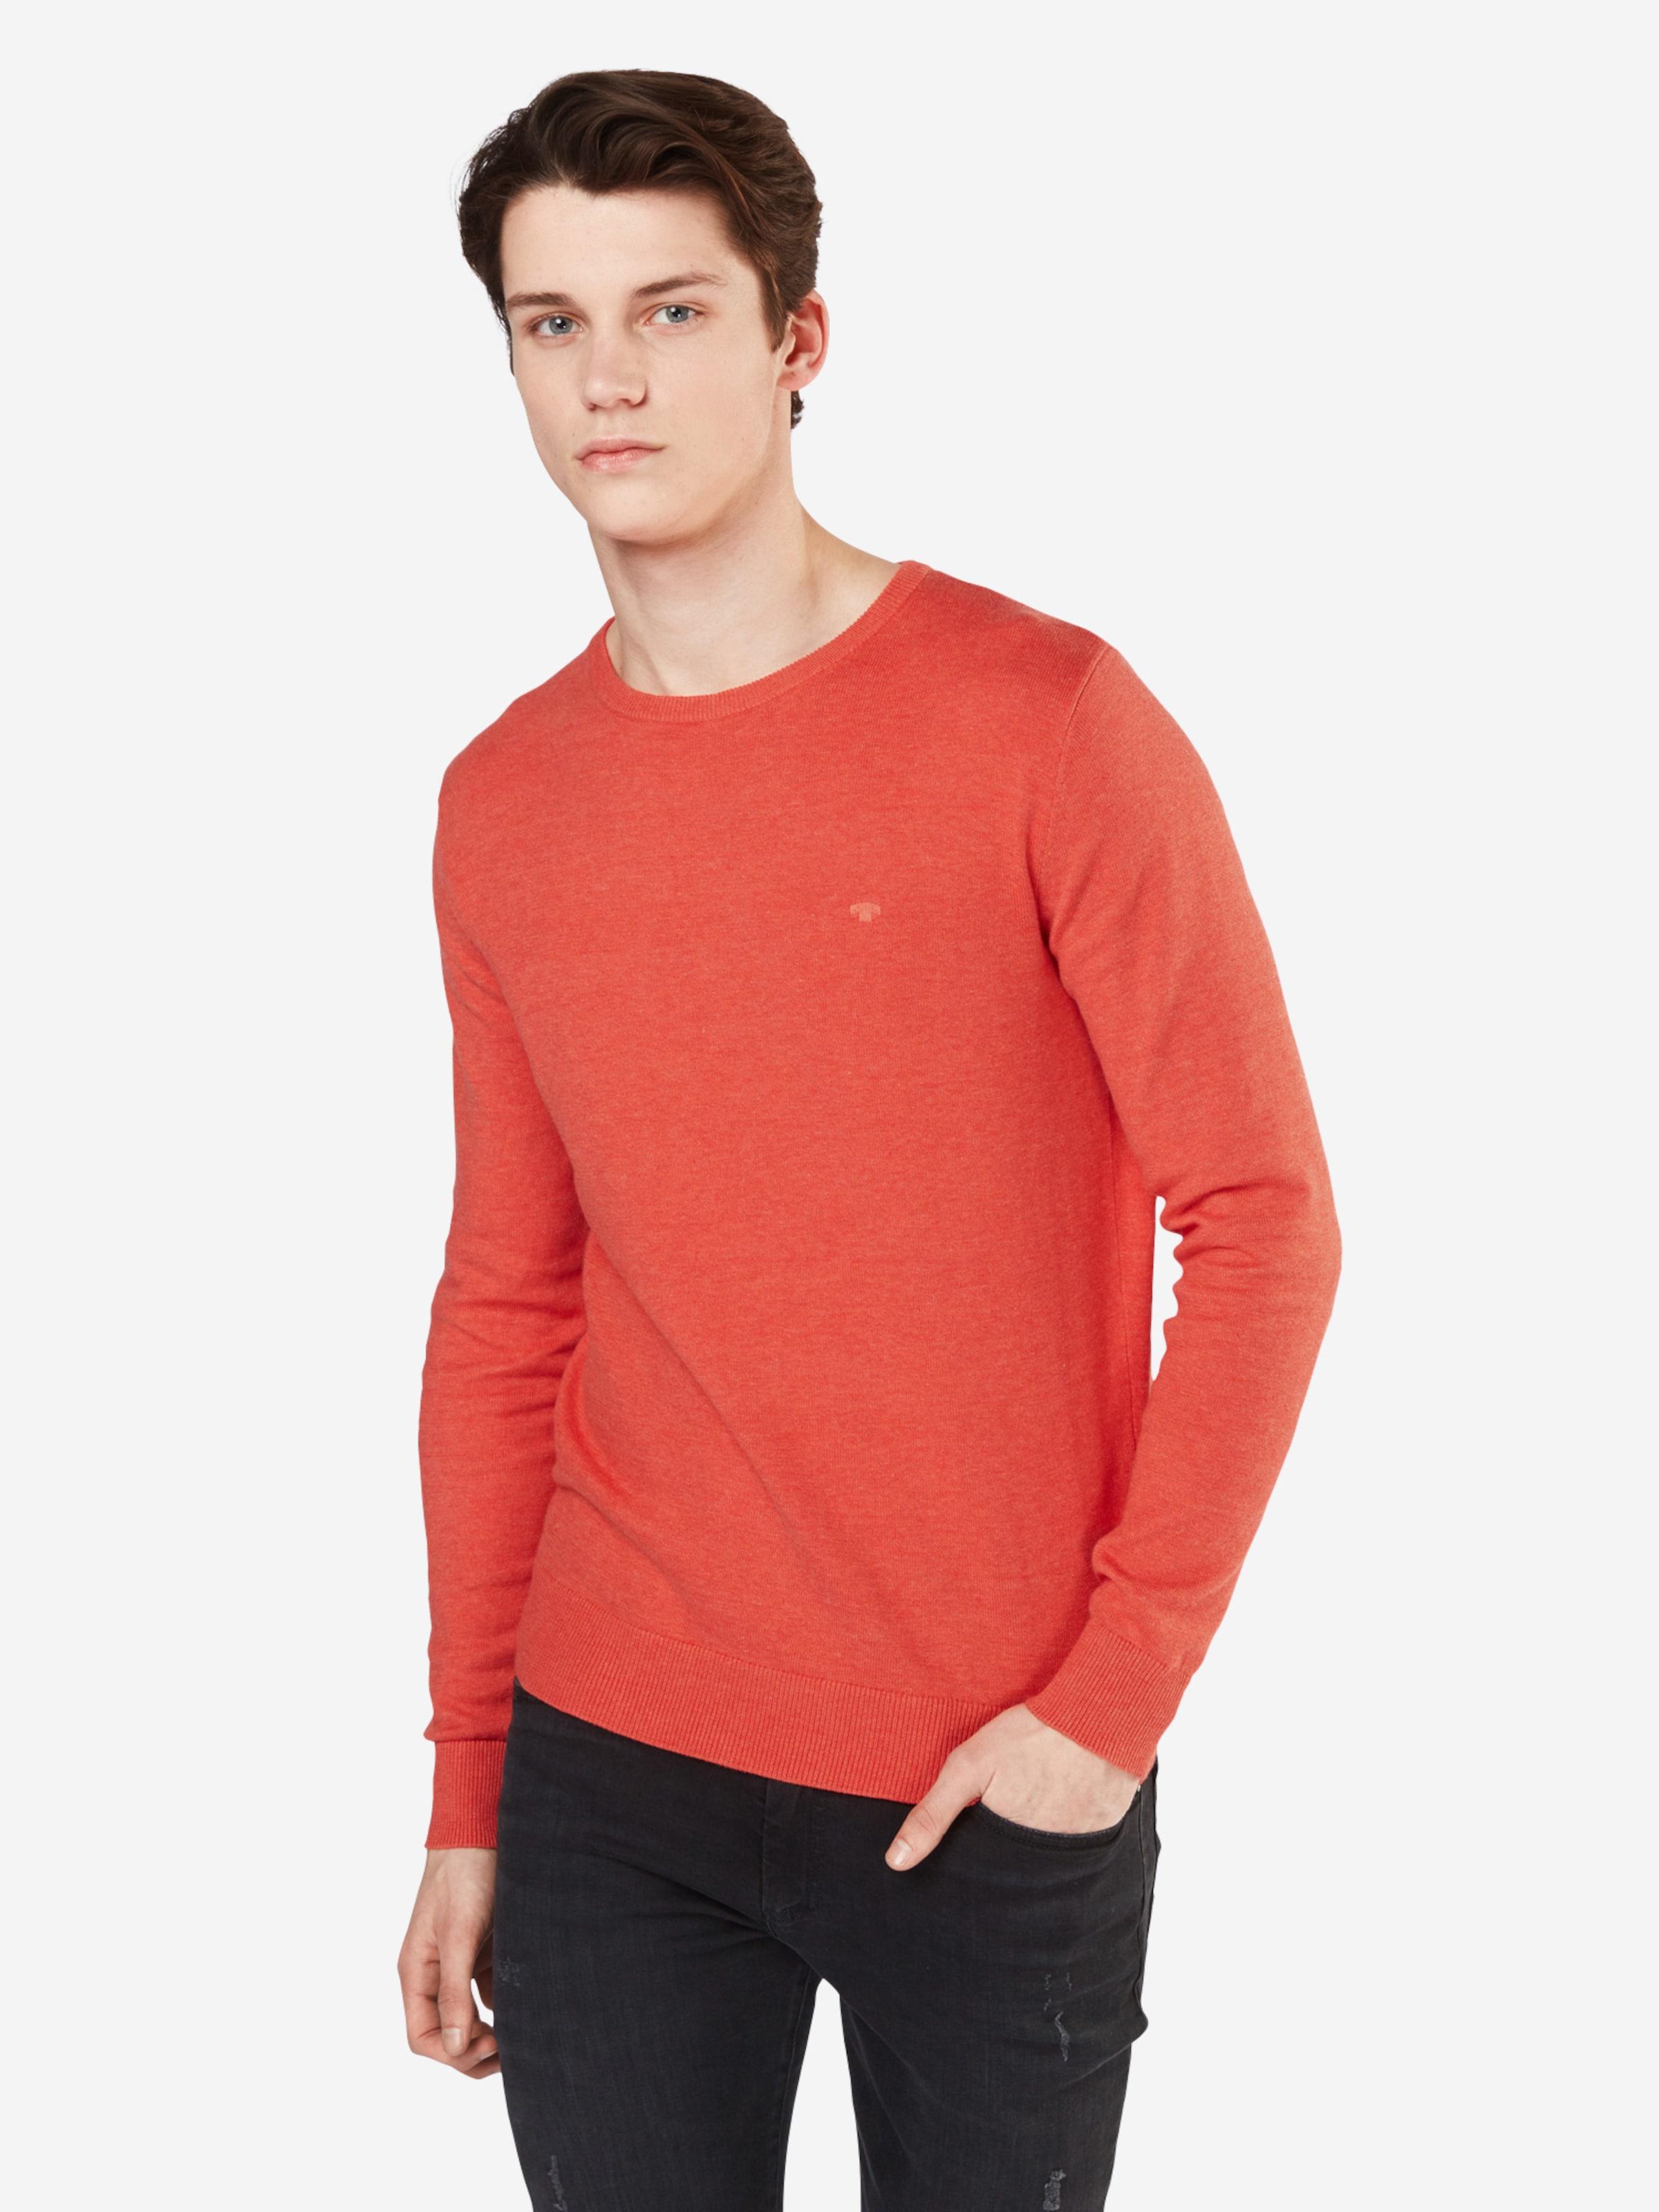 TOM TAILOR Pullover 'basic crew-neck sweater' Spielraum Echt Aus Deutschland Günstigem Preis YbifytxW